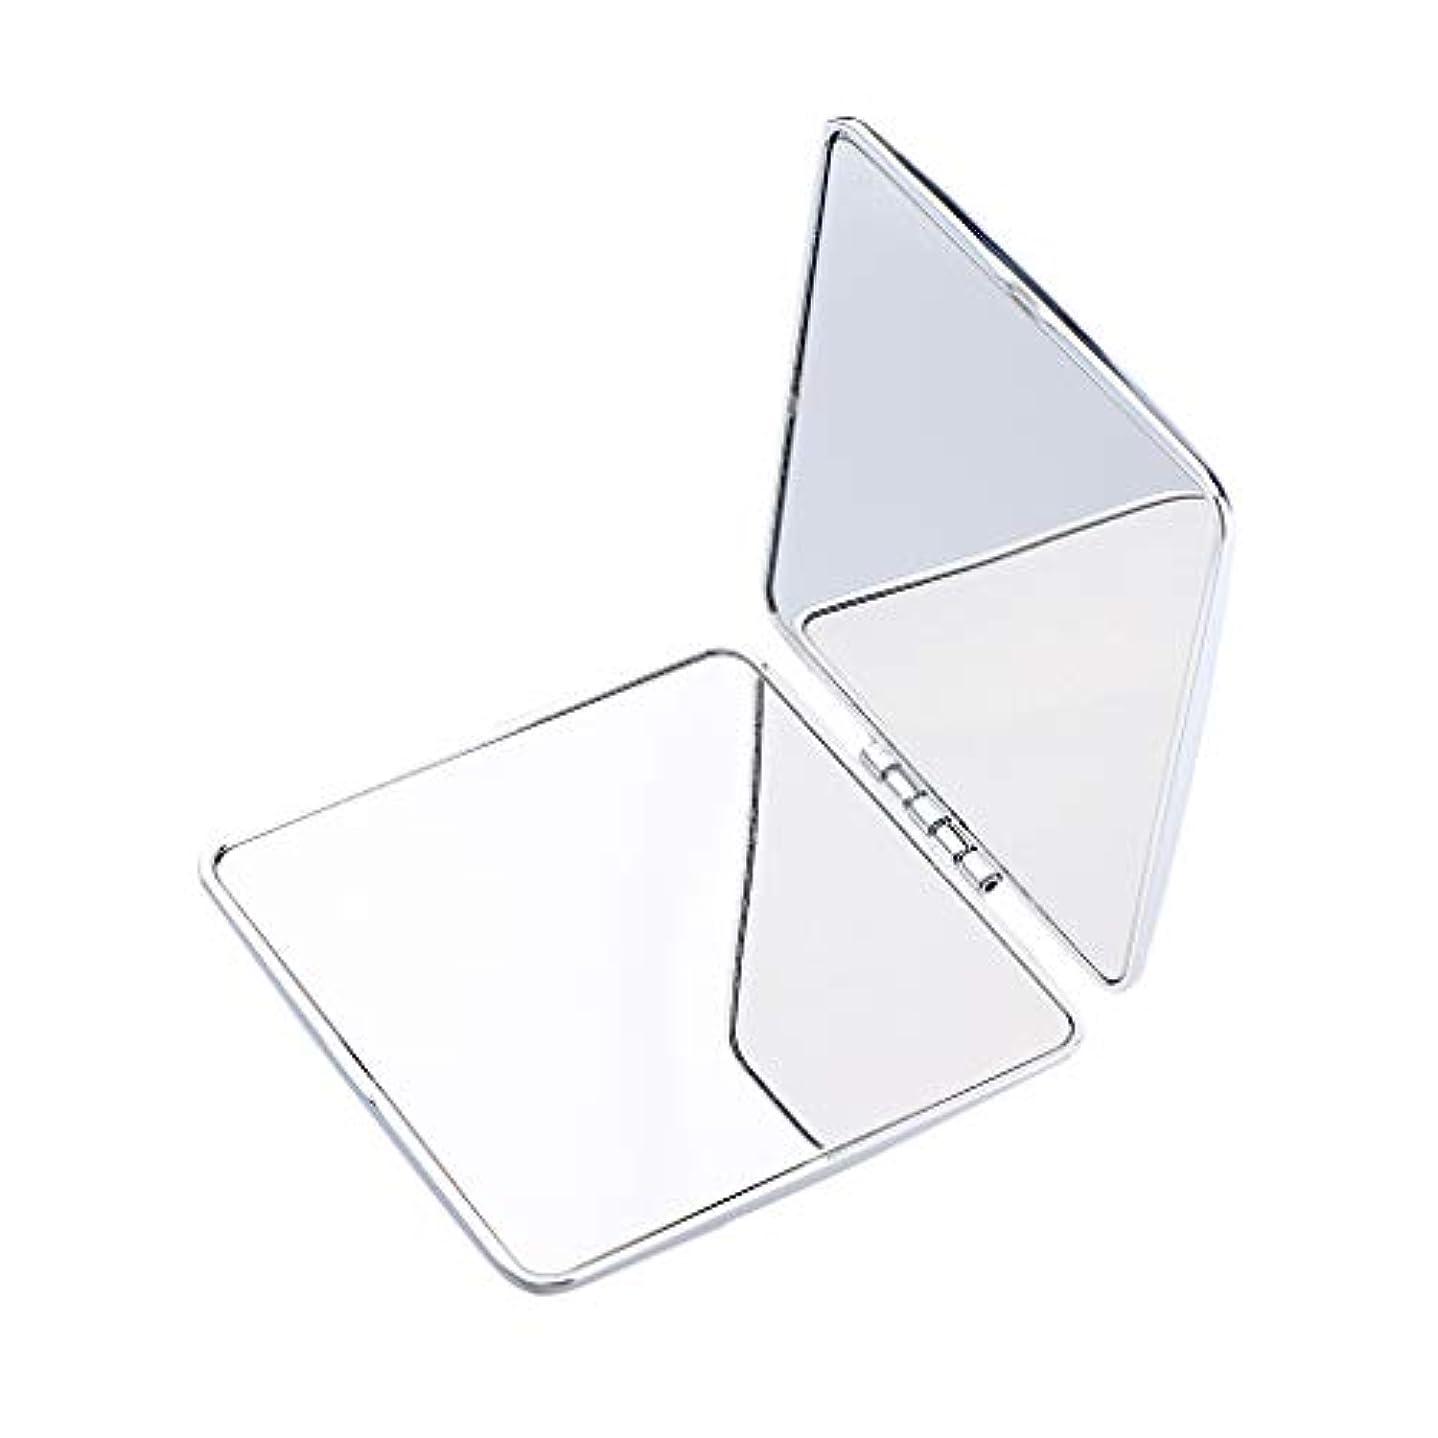 エリートビン小説ポータブルポケットミラーコンパクトメイク化粧品ファッション虚栄心ミラー - 正方形